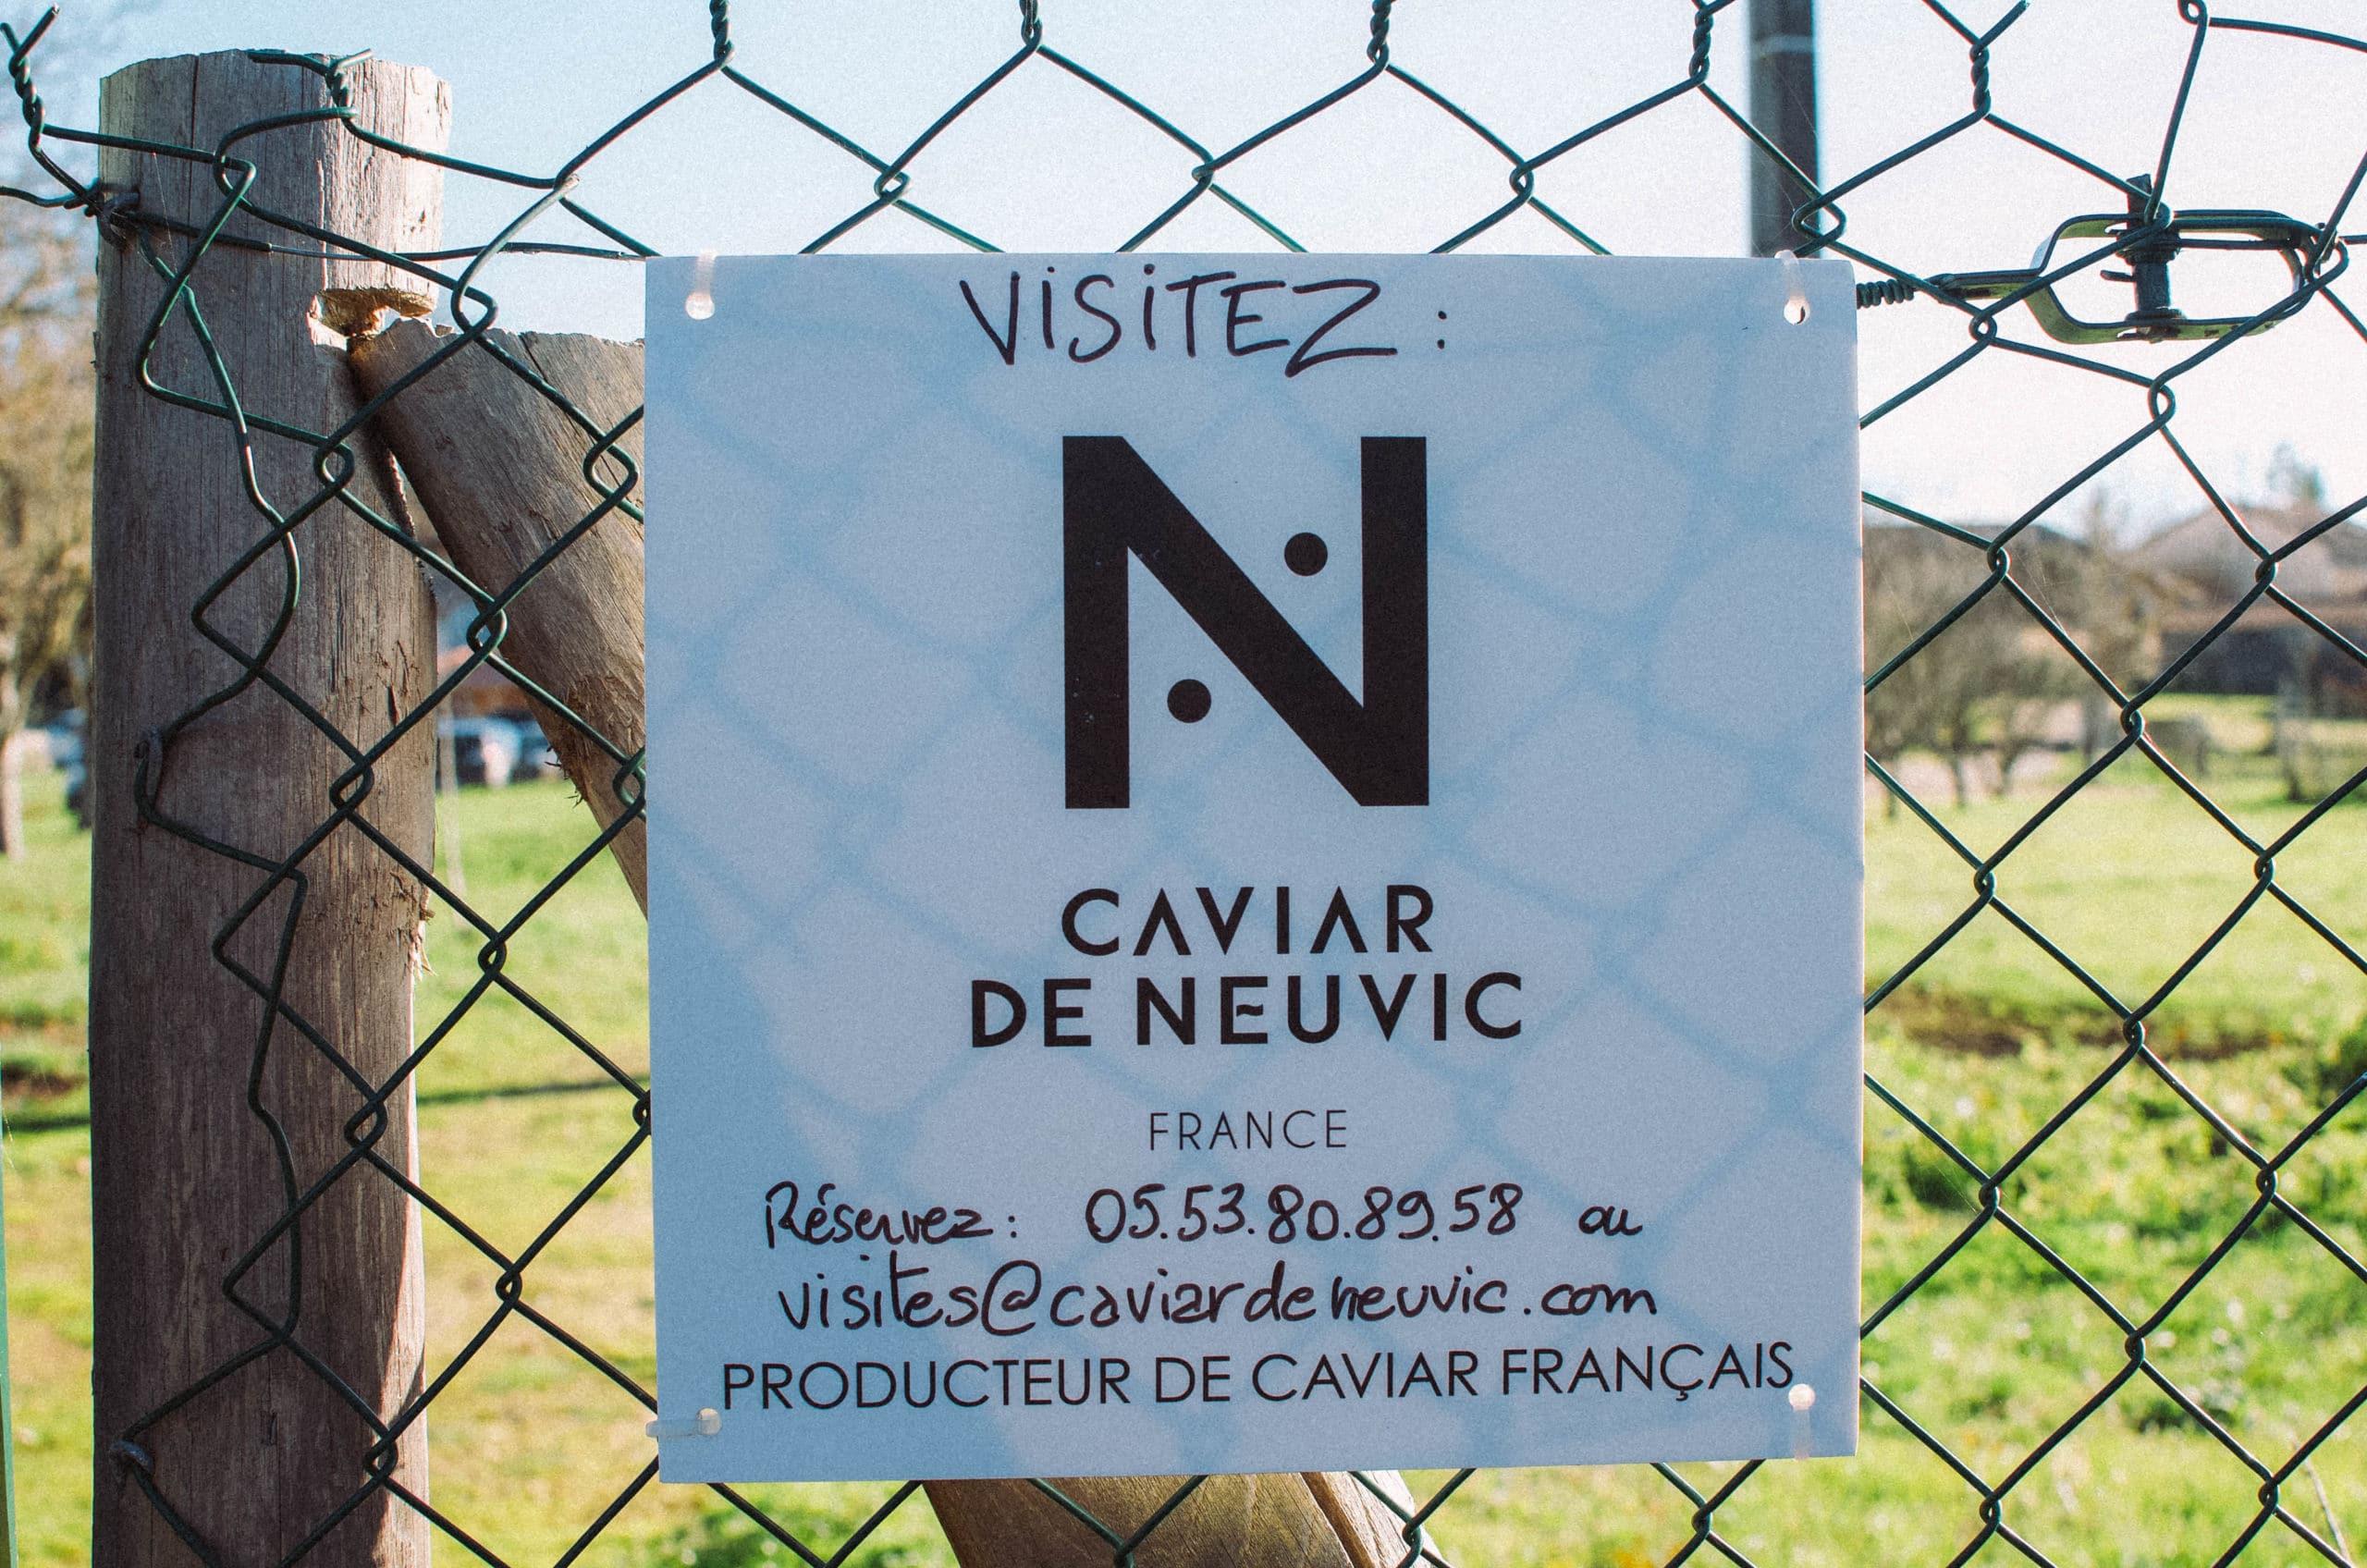 entreprise producteur de caviar